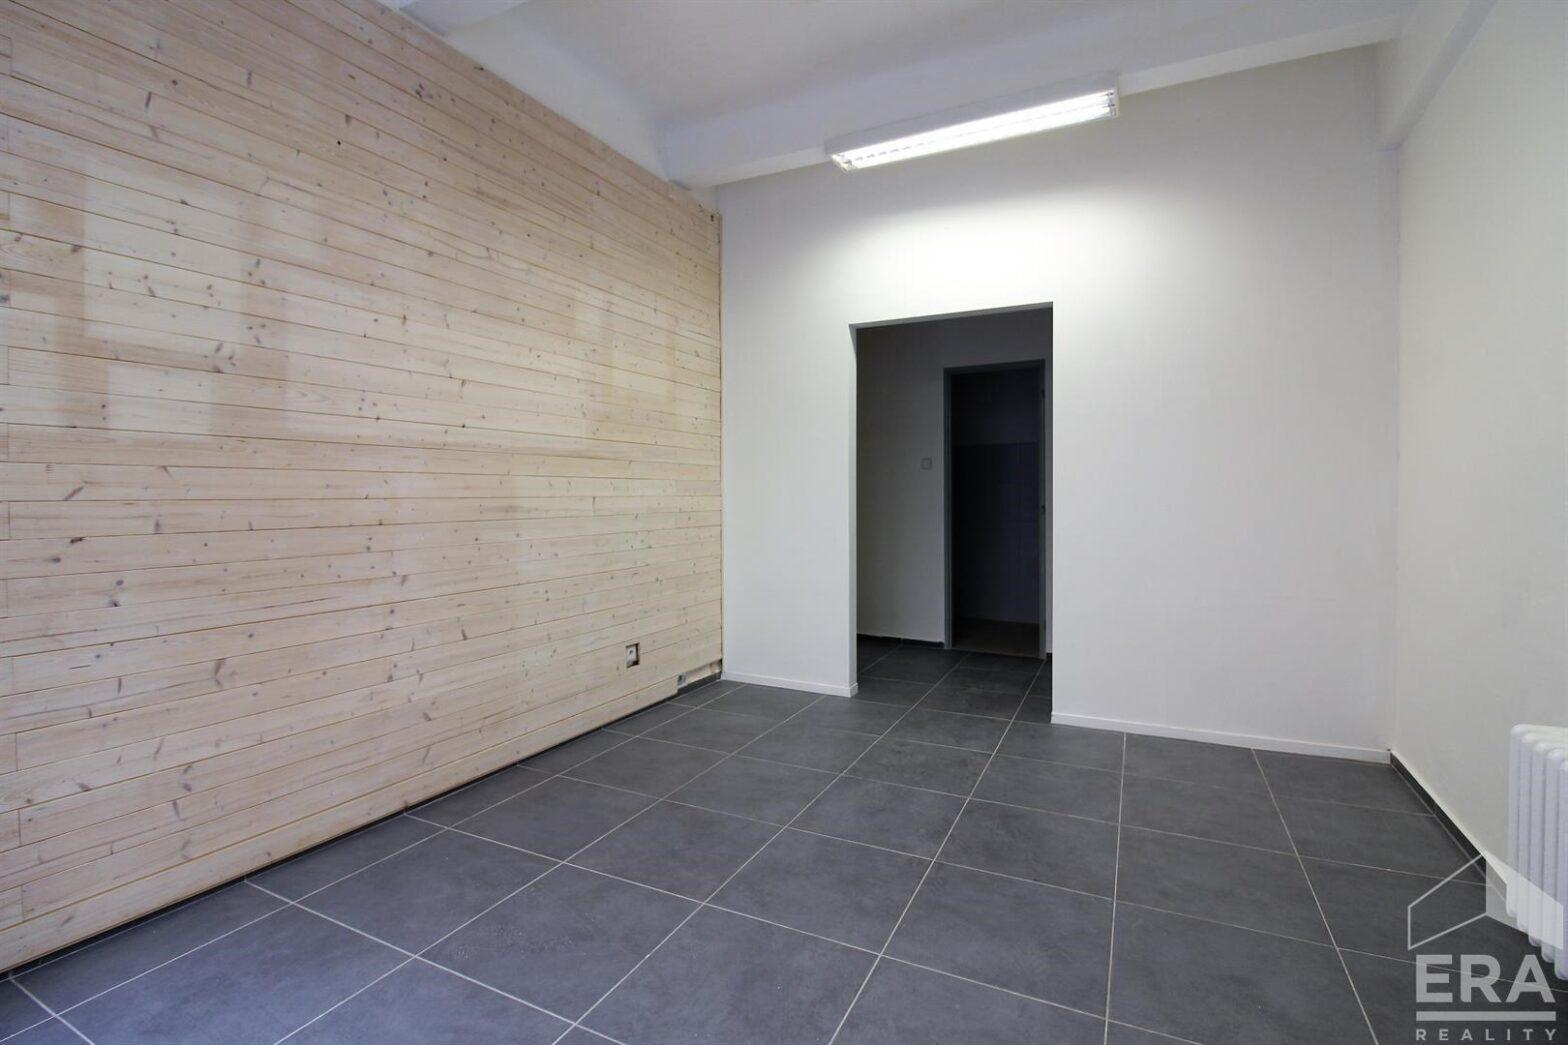 Pronájem komerčního prostoru (obchod, služby, kancelář) 19,5m2, Dvořákova 13, Brno